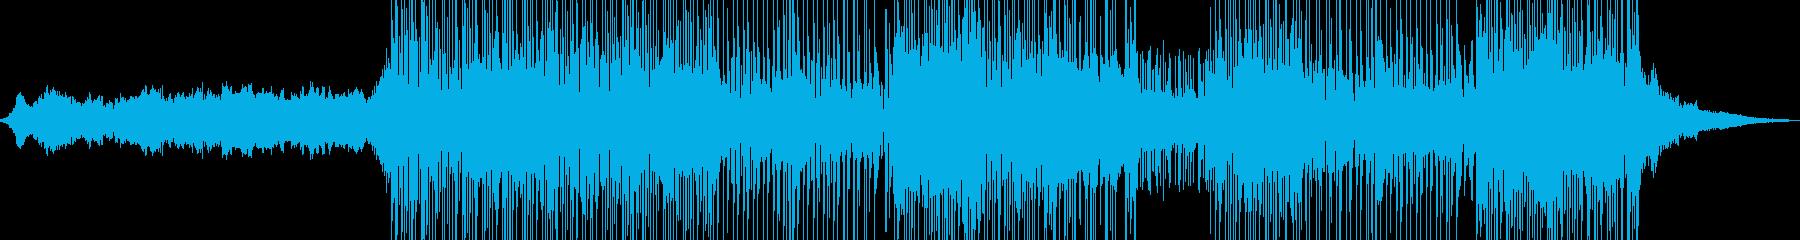 琴・三味線・レトロな演歌調ポップ+の再生済みの波形